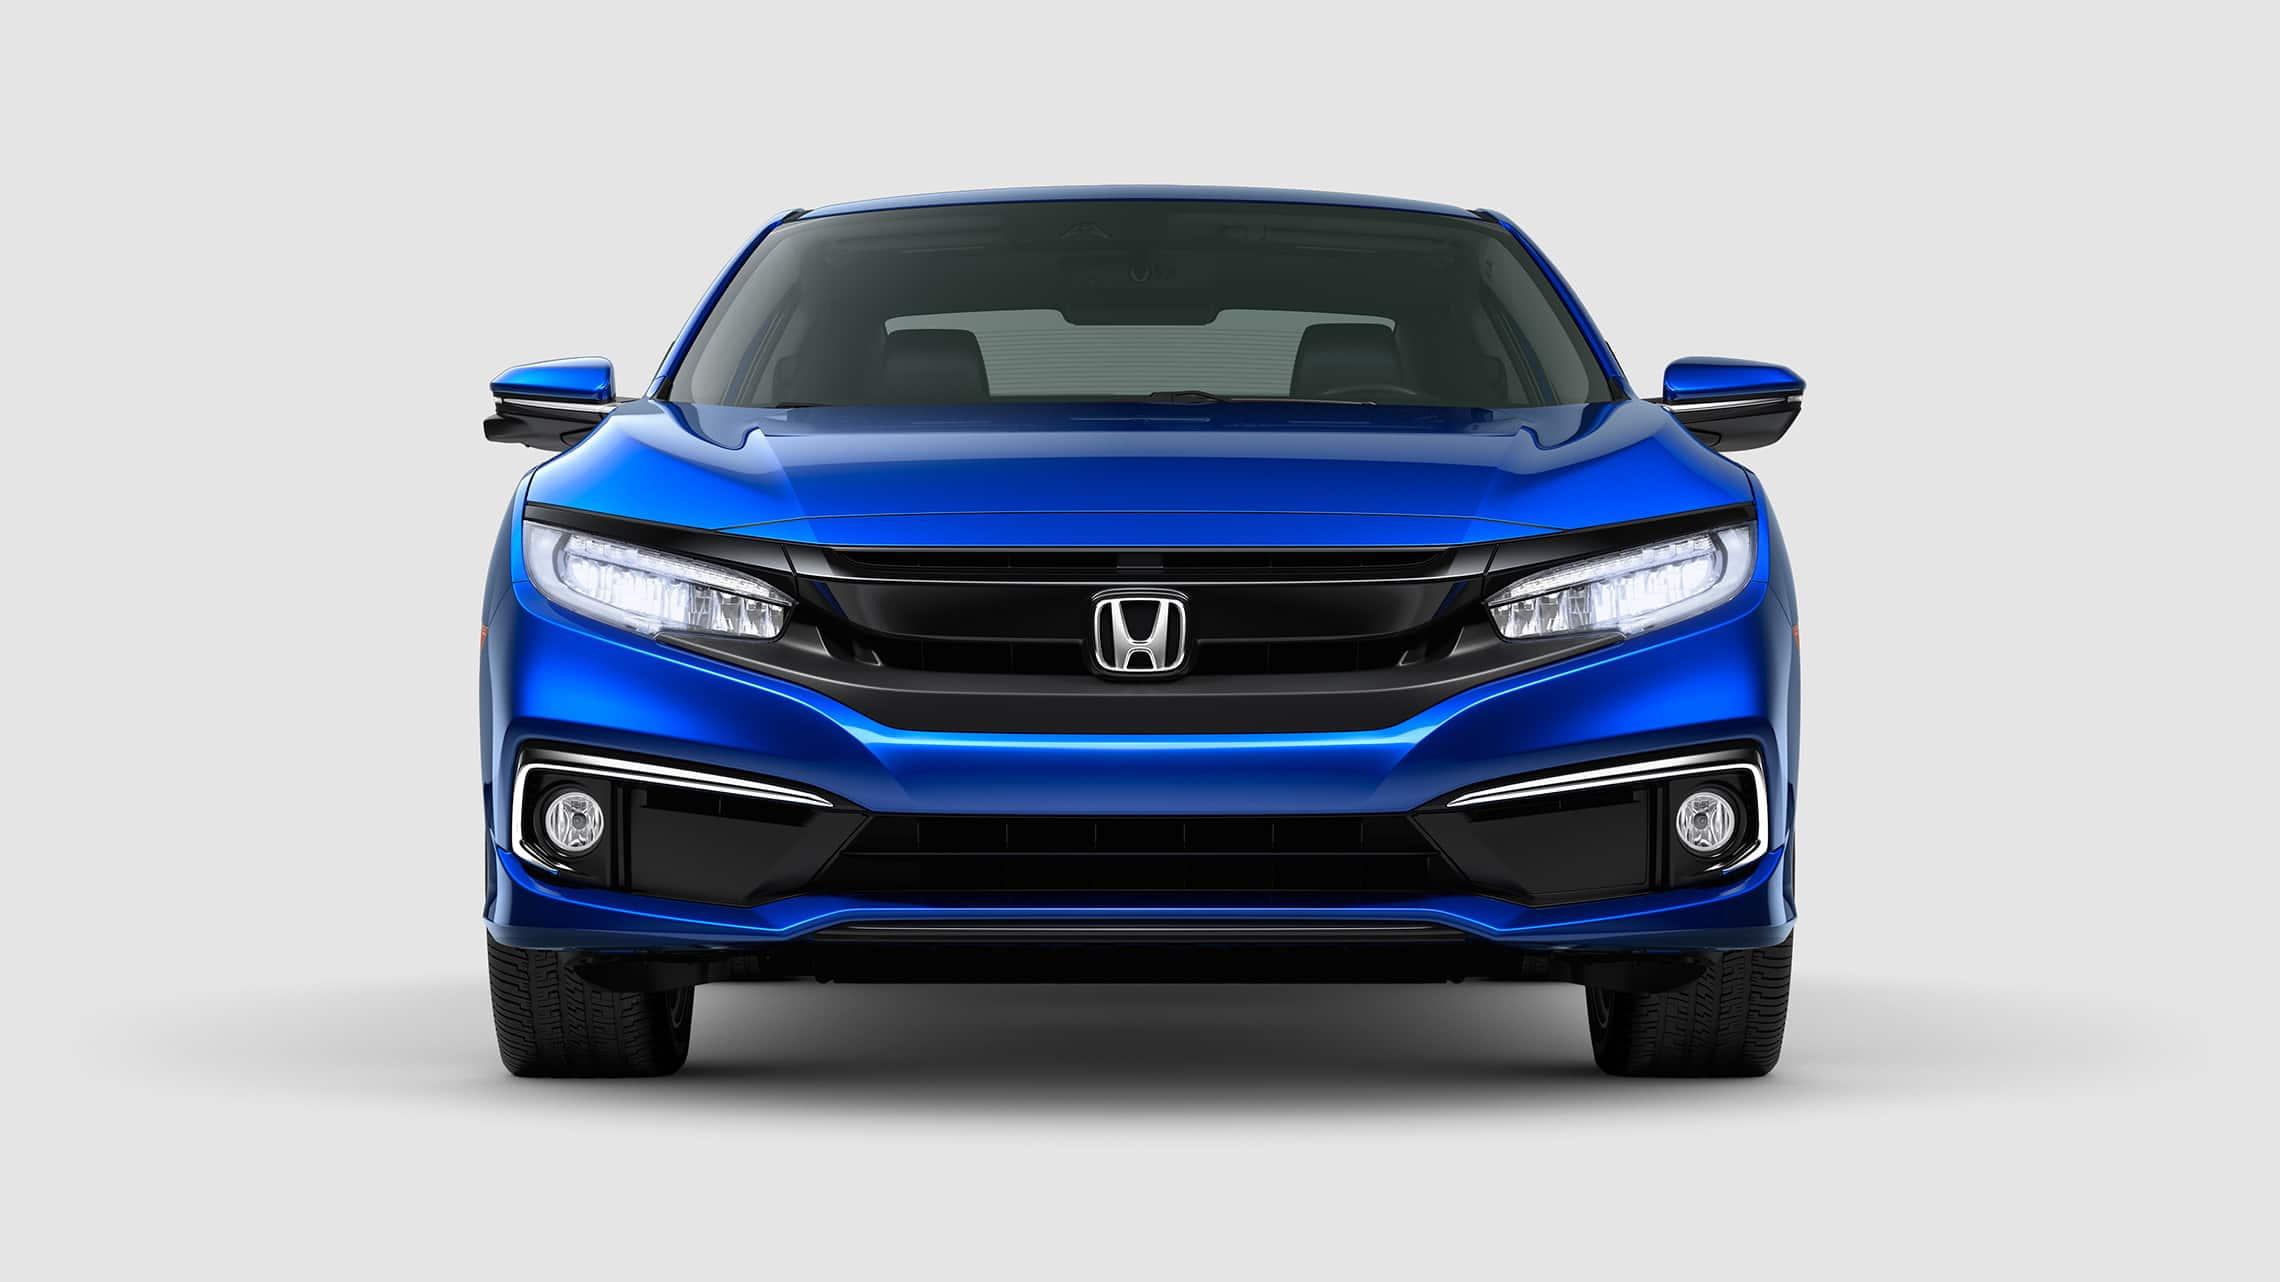 Vista frontal del Honda Civic Touring Coupé2020 en Aegean Blue Metallic con luces delanteras de LED encendidas.